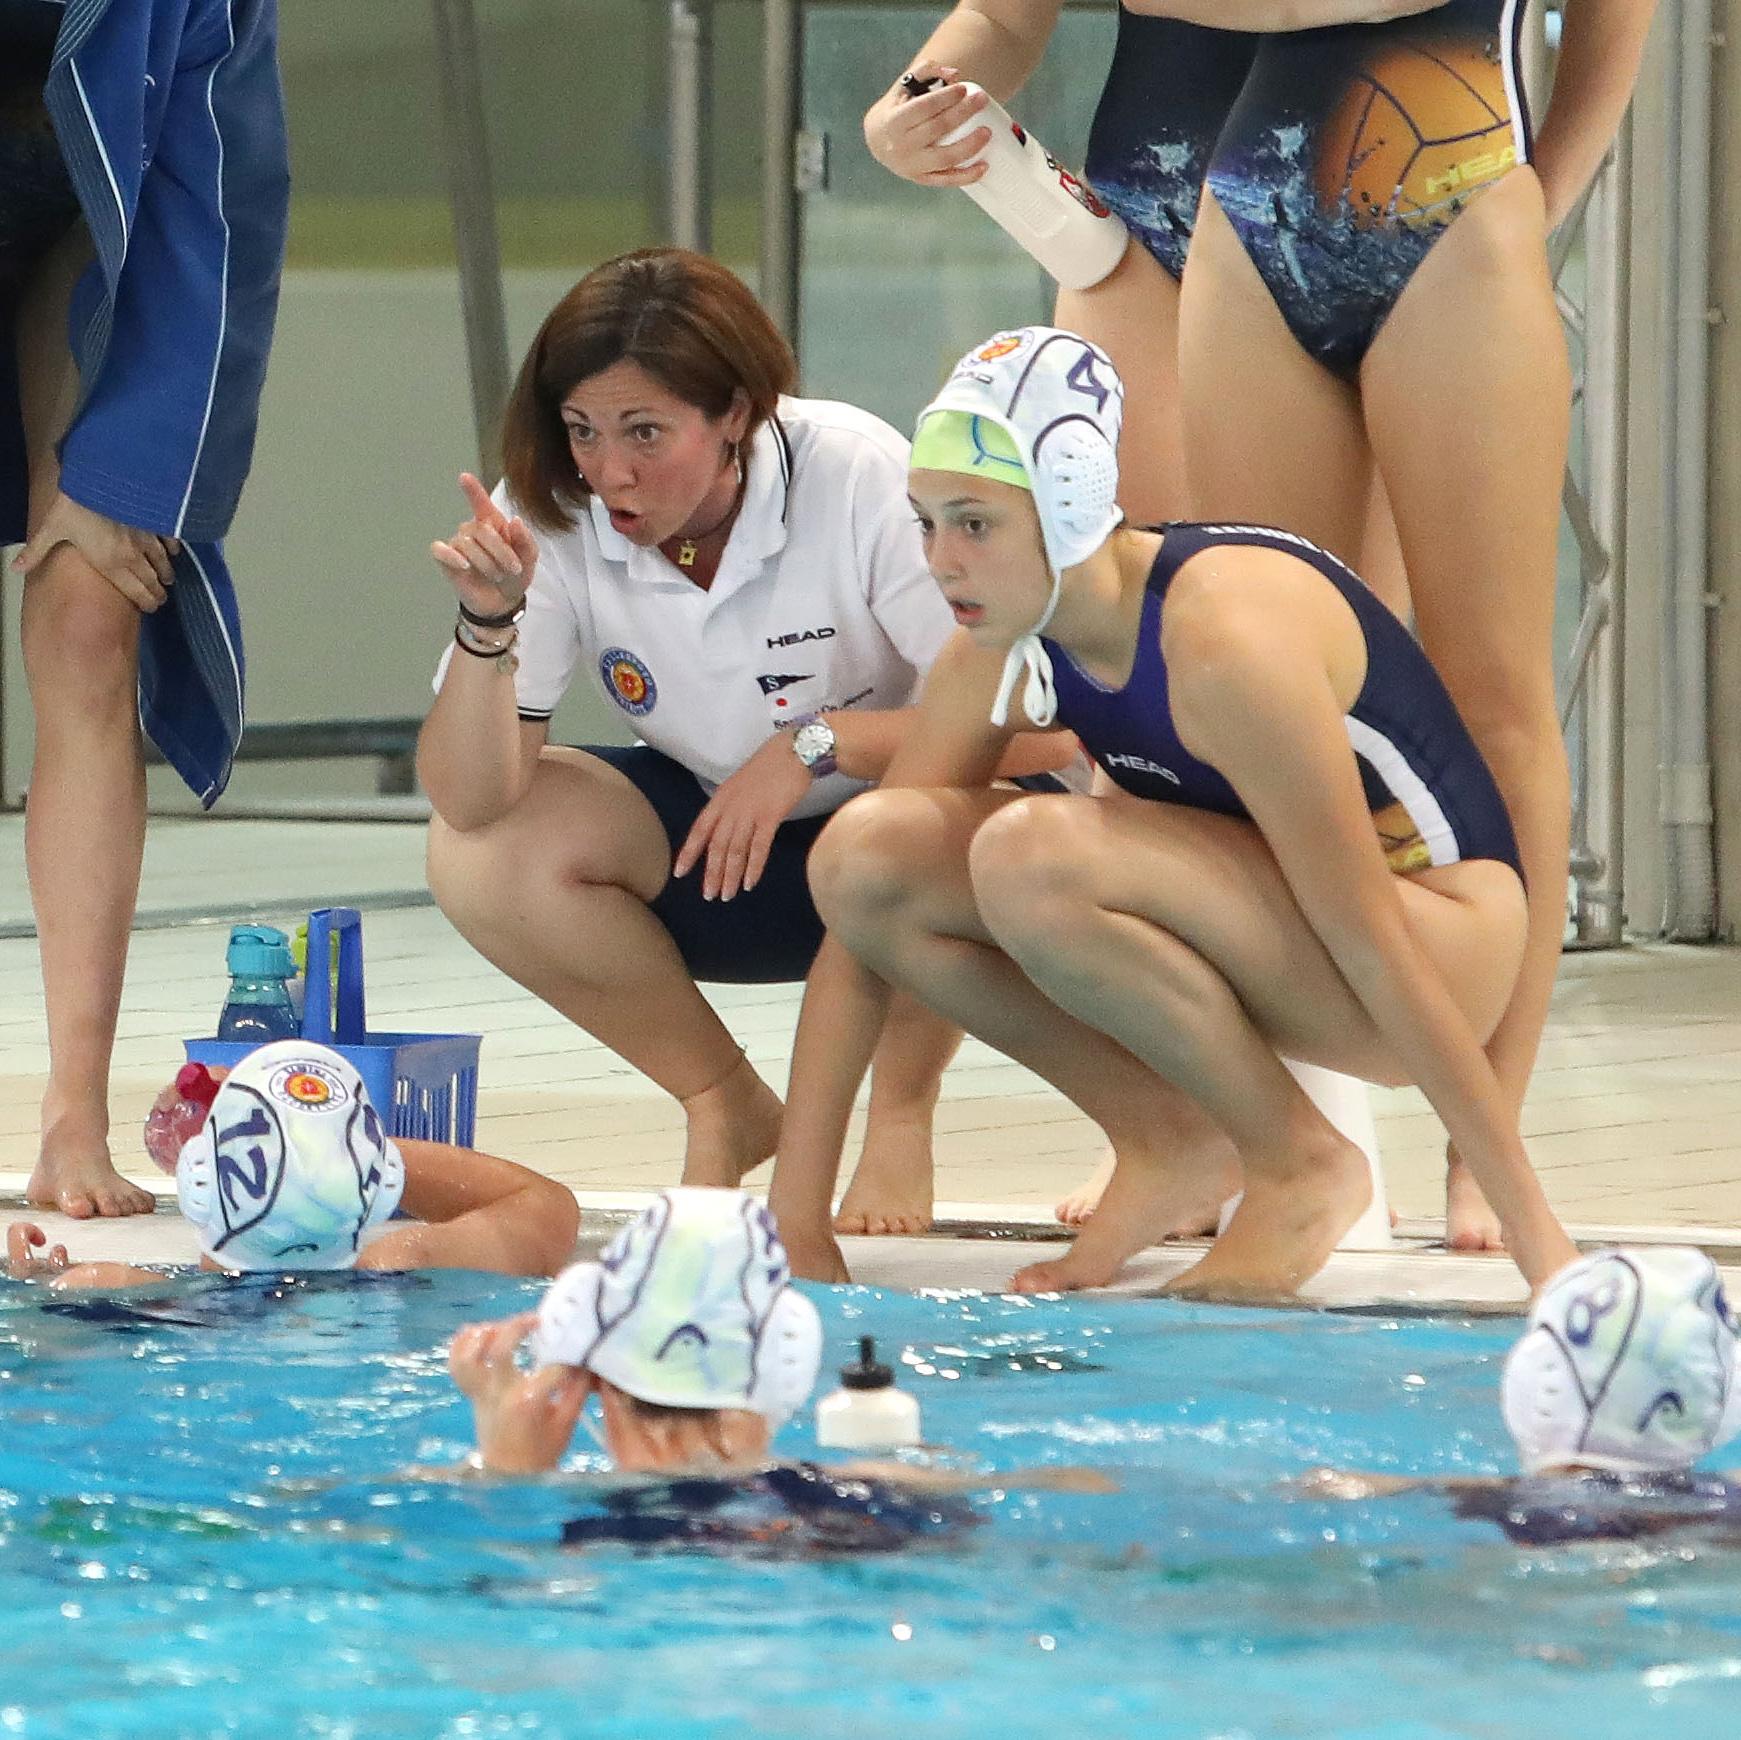 Under 17 femminile: finali scudetto, la Pallanuoto Trieste si arrende al Bogliasco (4-8). E' comunque medaglia d'argento!